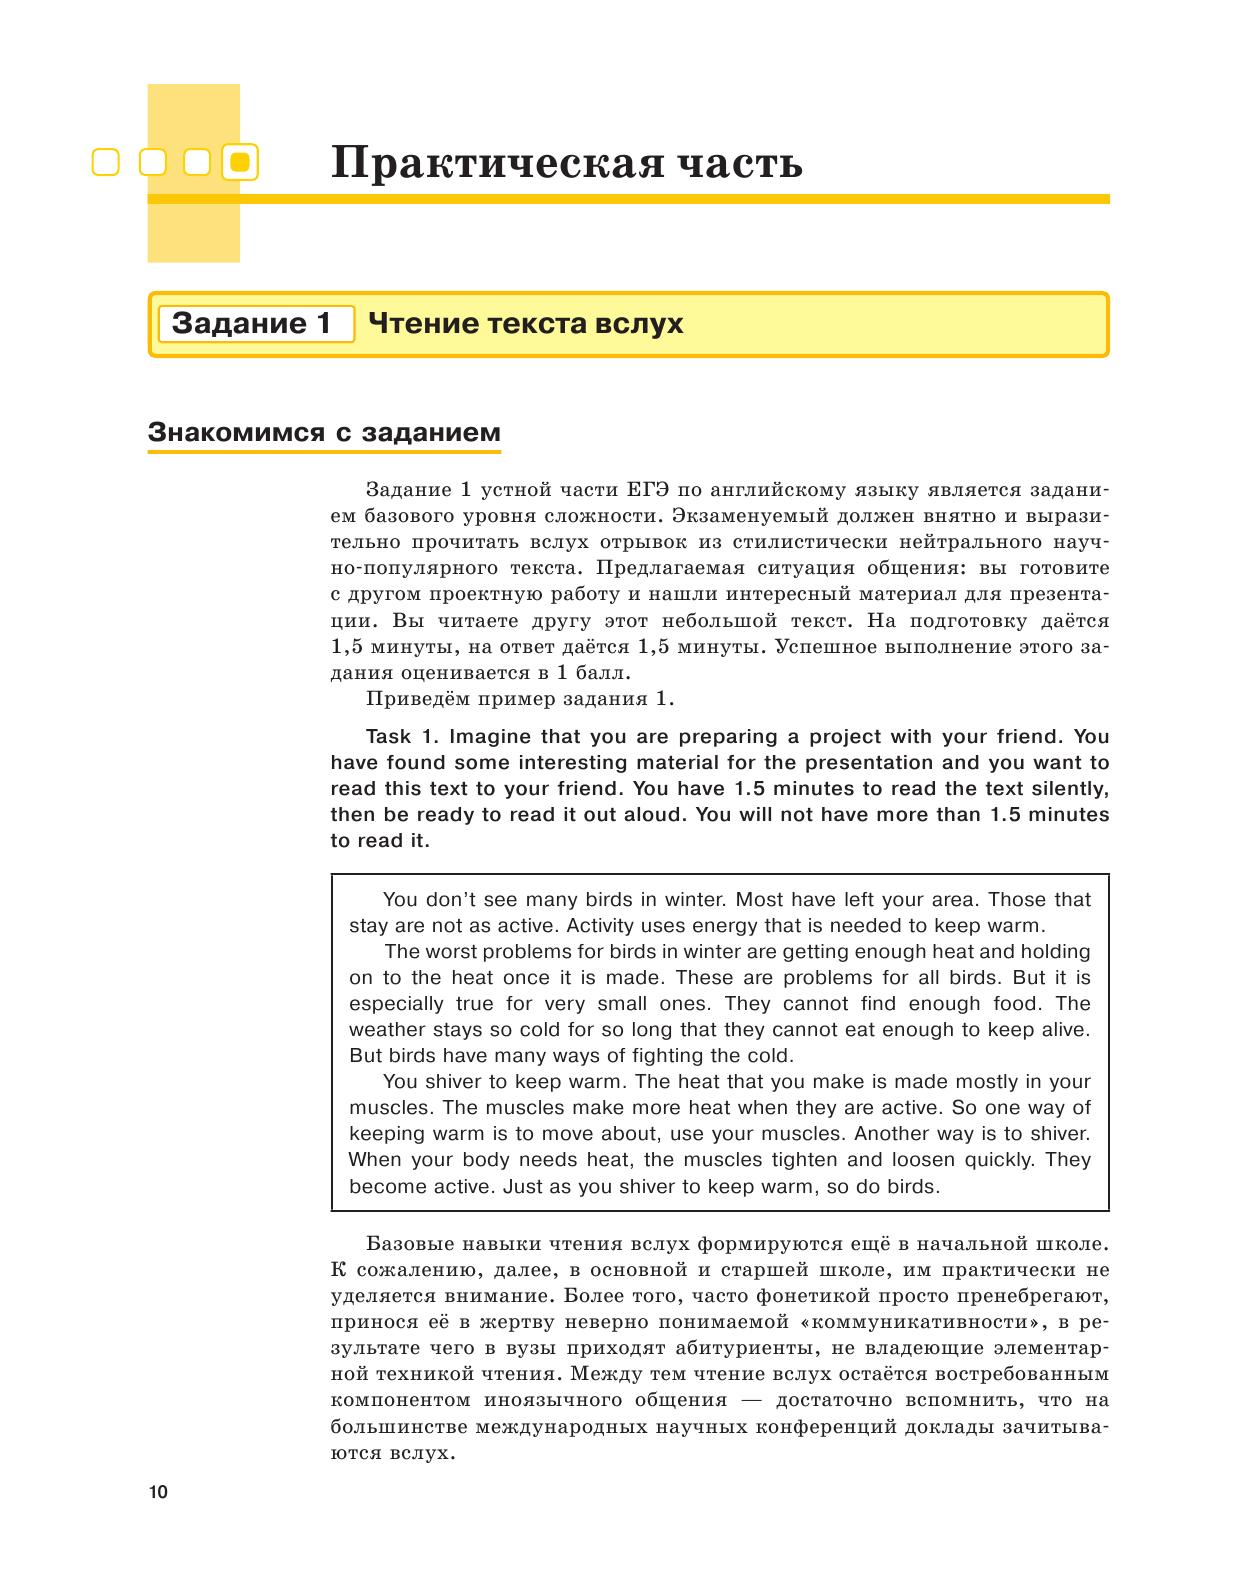 Устная часть ЕГЭ по английскому языку. 10–11классы. Практикум - страница 8